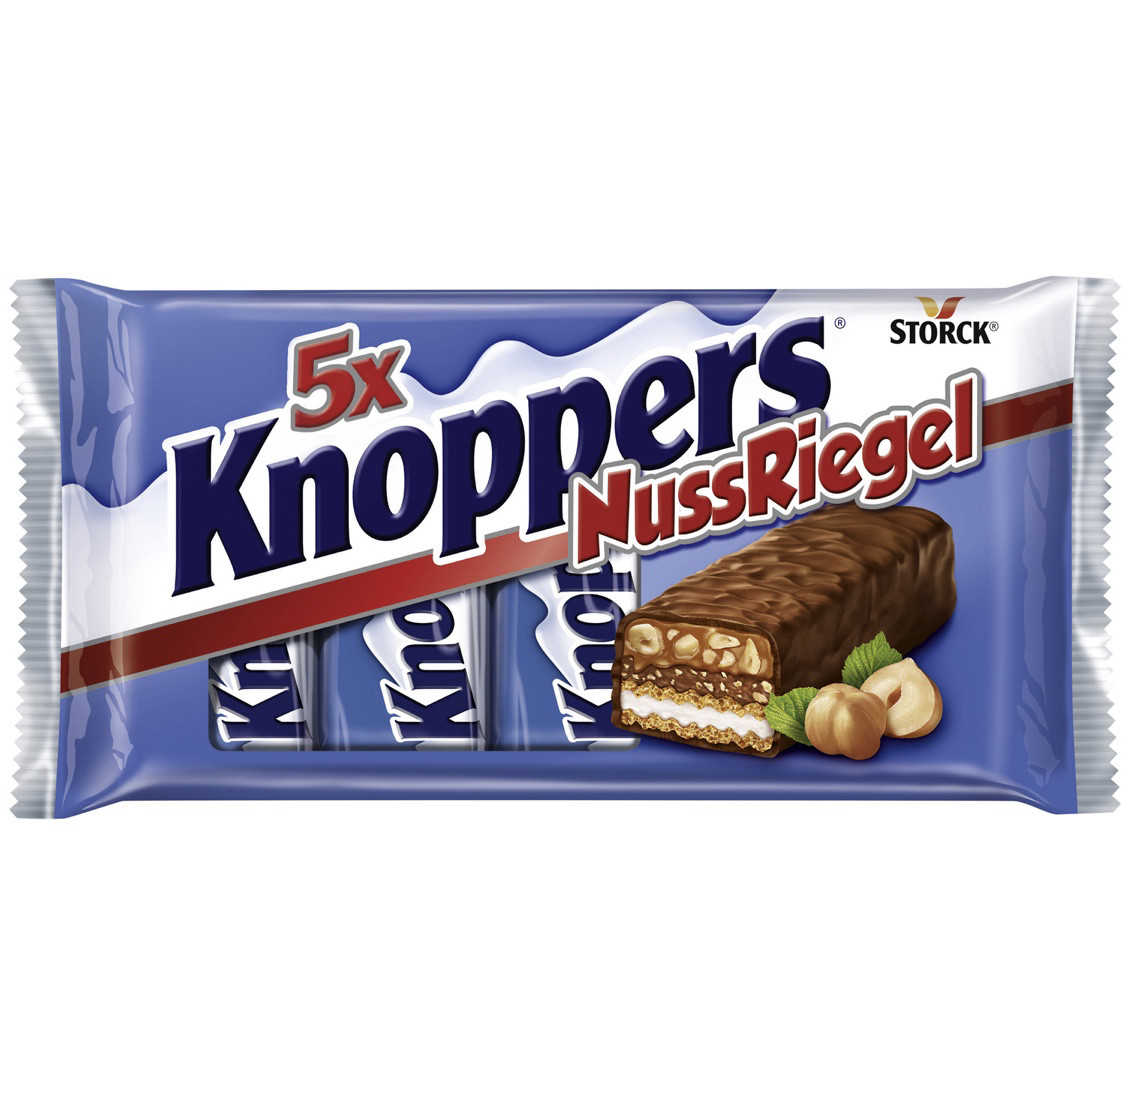 Knoppers NussRiegel Вафельные батончики с шоколадно-ореховой, молочной начинками и кусочками фундука